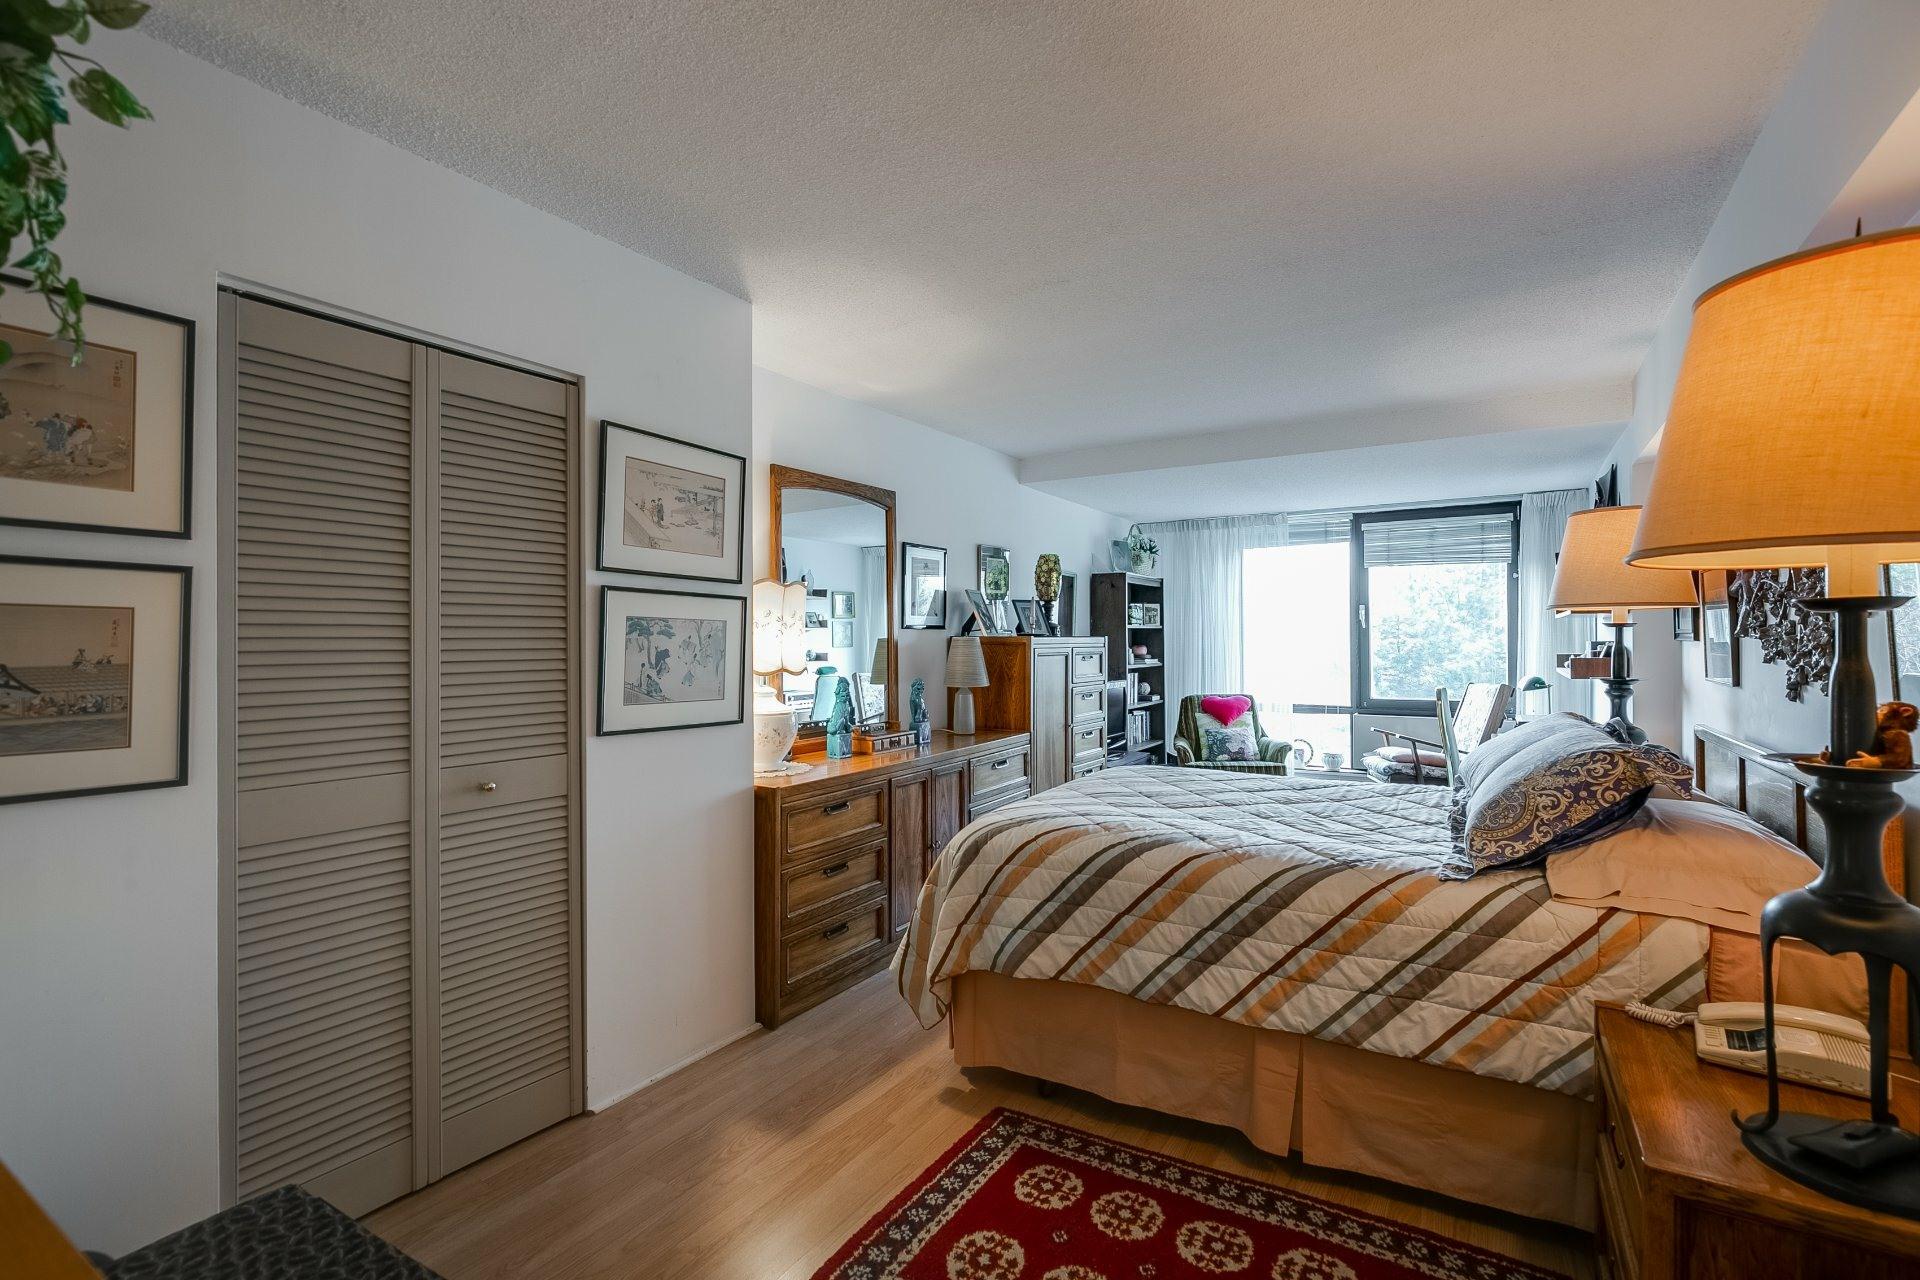 image 14 - Appartement À vendre Montréal Verdun/Île-des-Soeurs  - 6 pièces